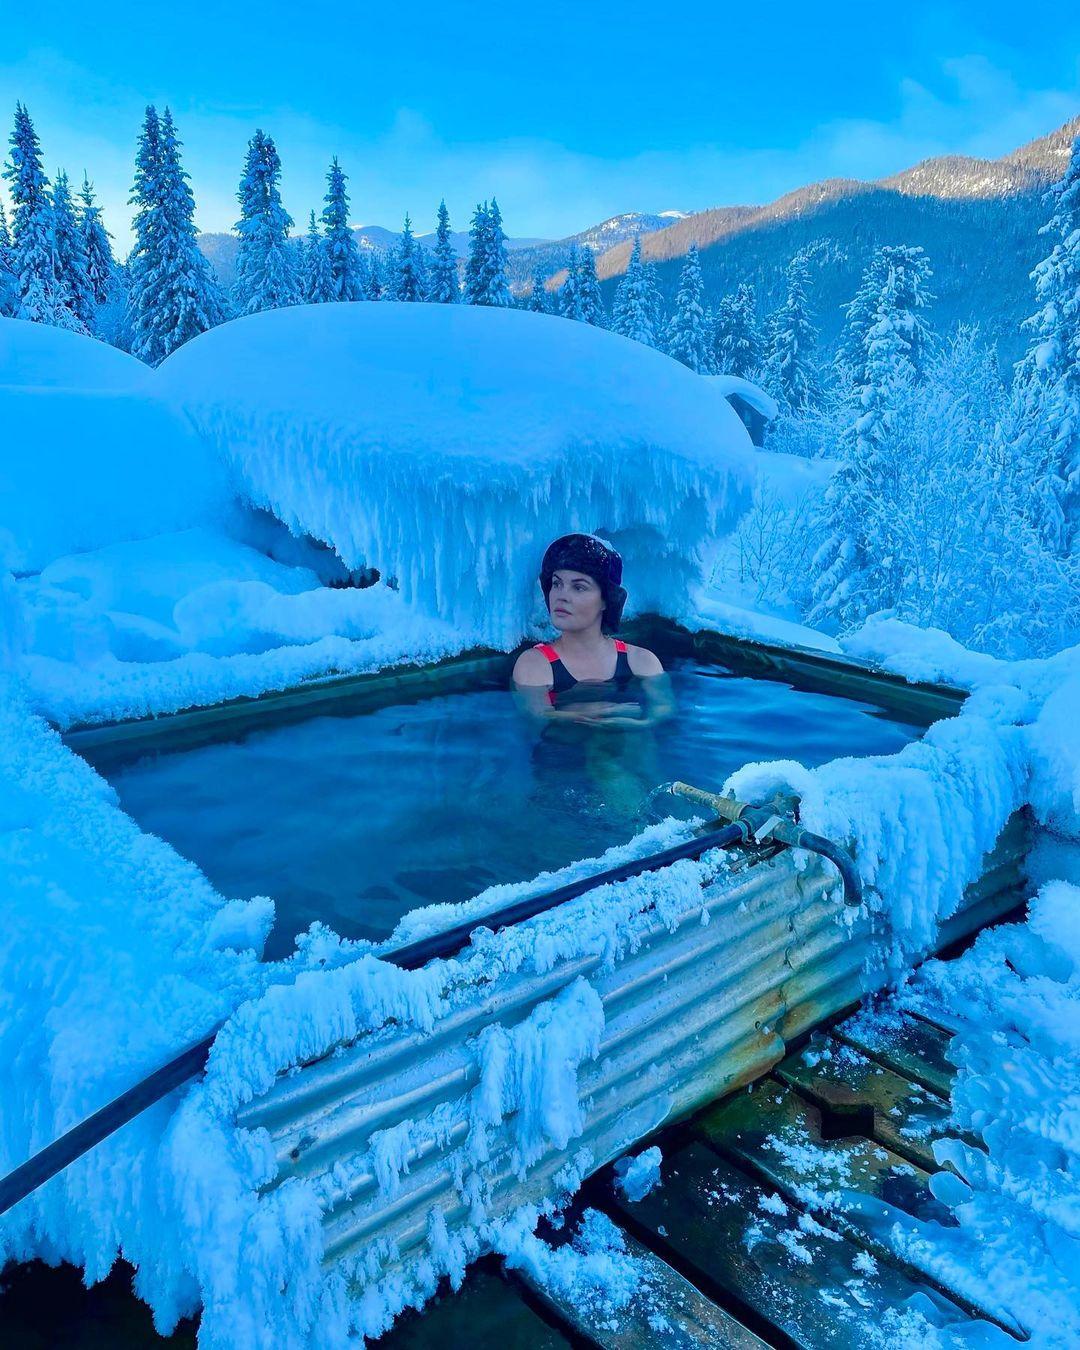 59-летняя Екатерина Андреева замечена на отдыхе в частной бане